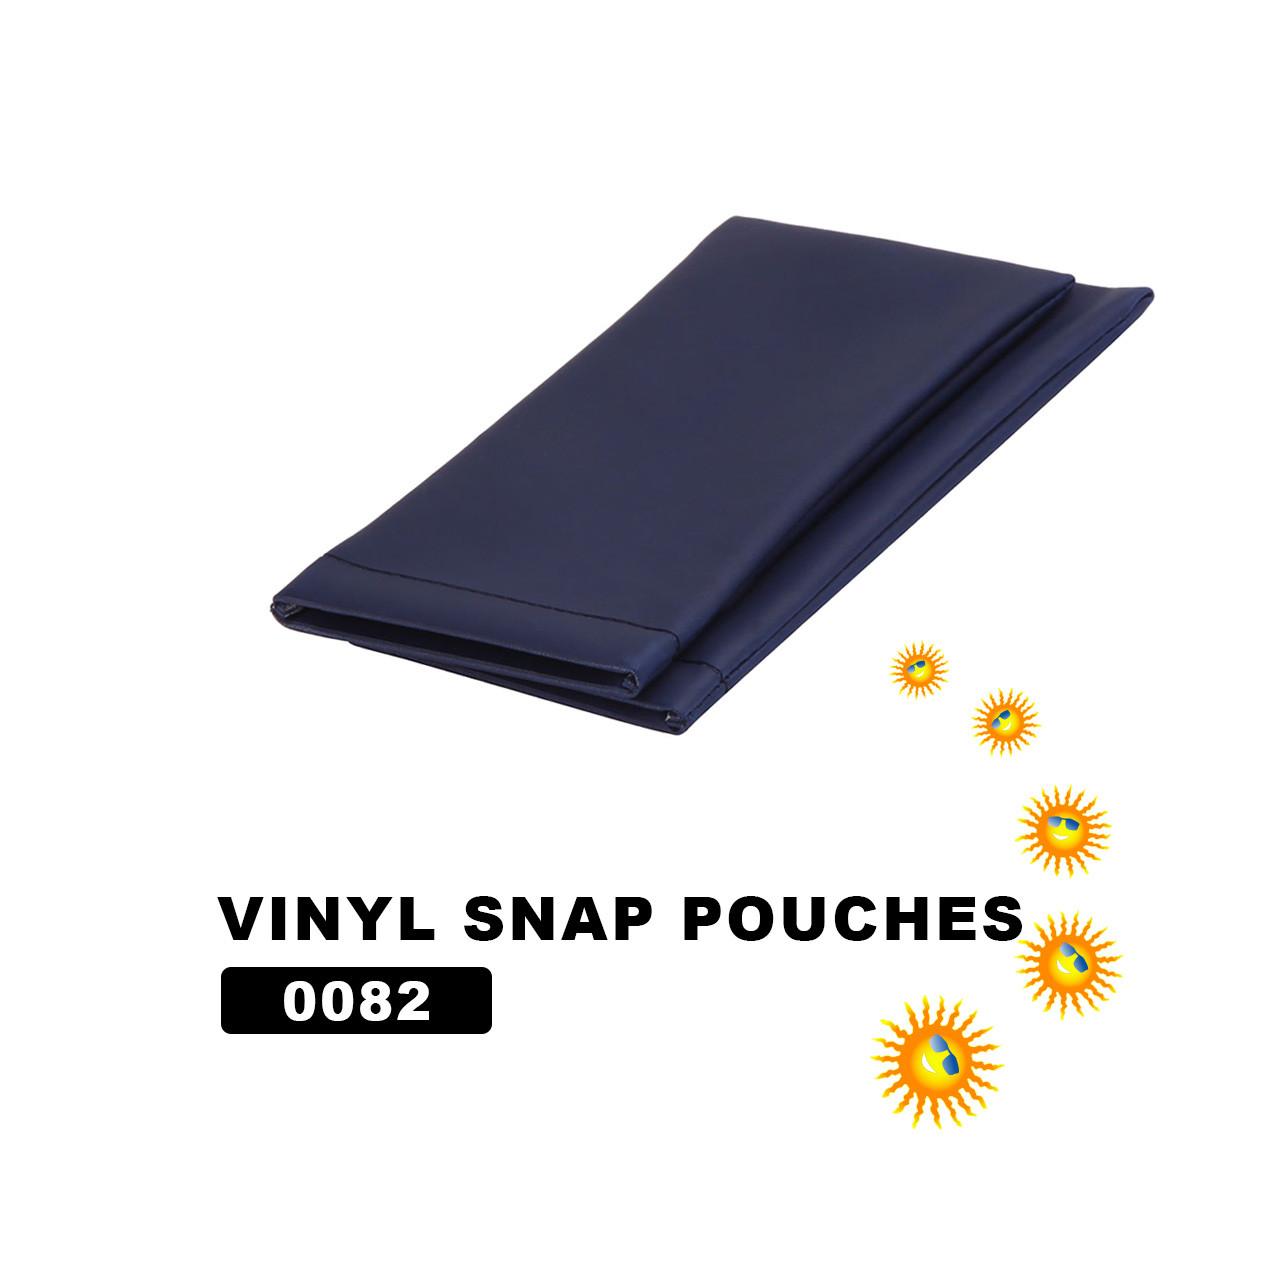 Wholesale Vinyl Snap Pouches ~ Navy Blue ~ 0082 (12 pcs.)